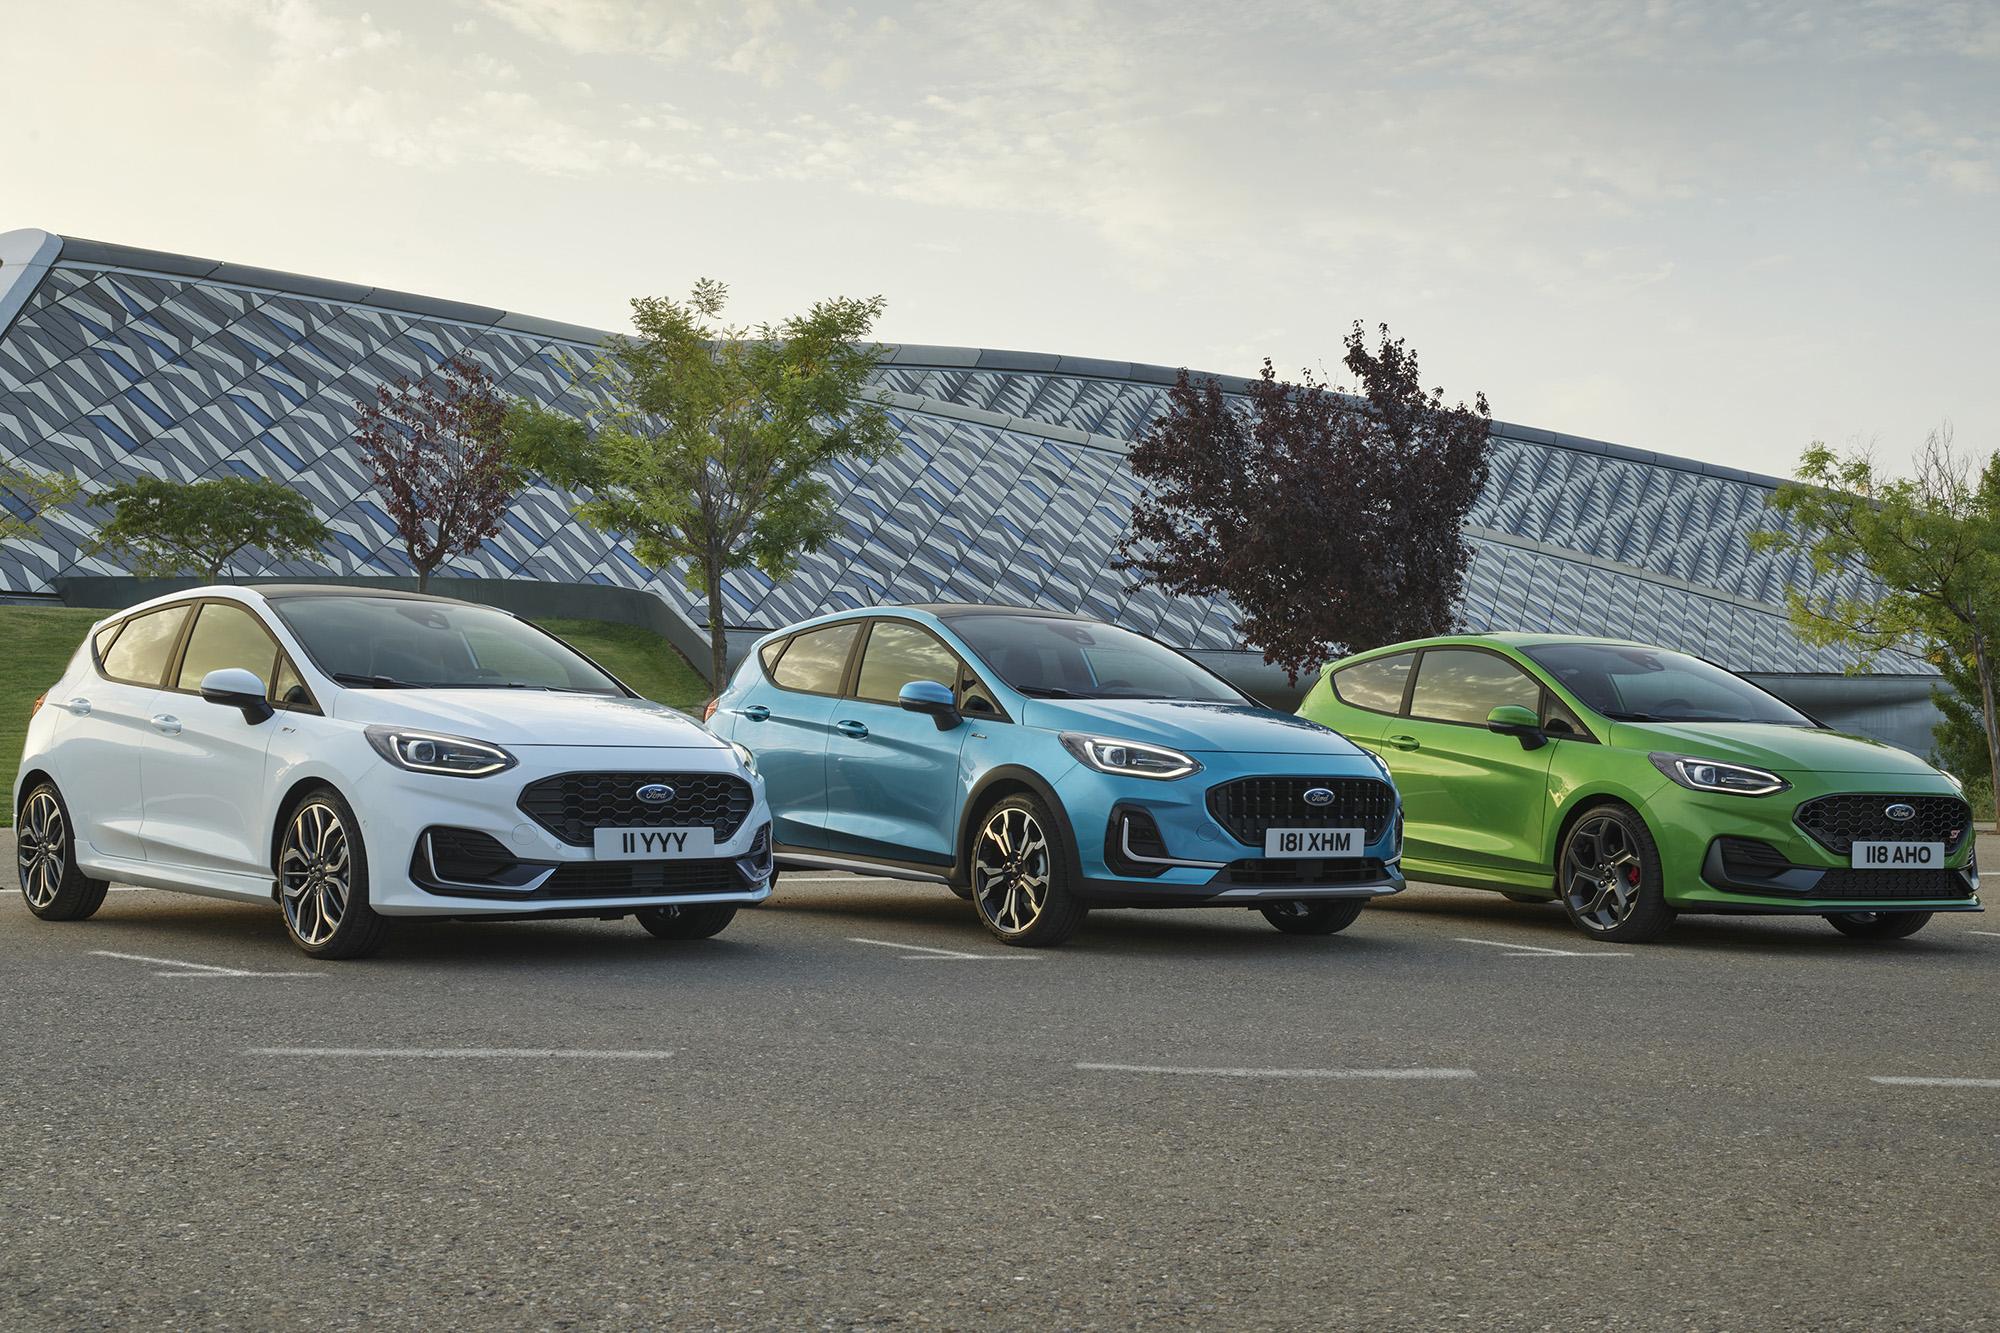 Três Ford Fiesta 2021 branco (esquerda), azul (meio) e verde (direita) vistos 3/4 de frente